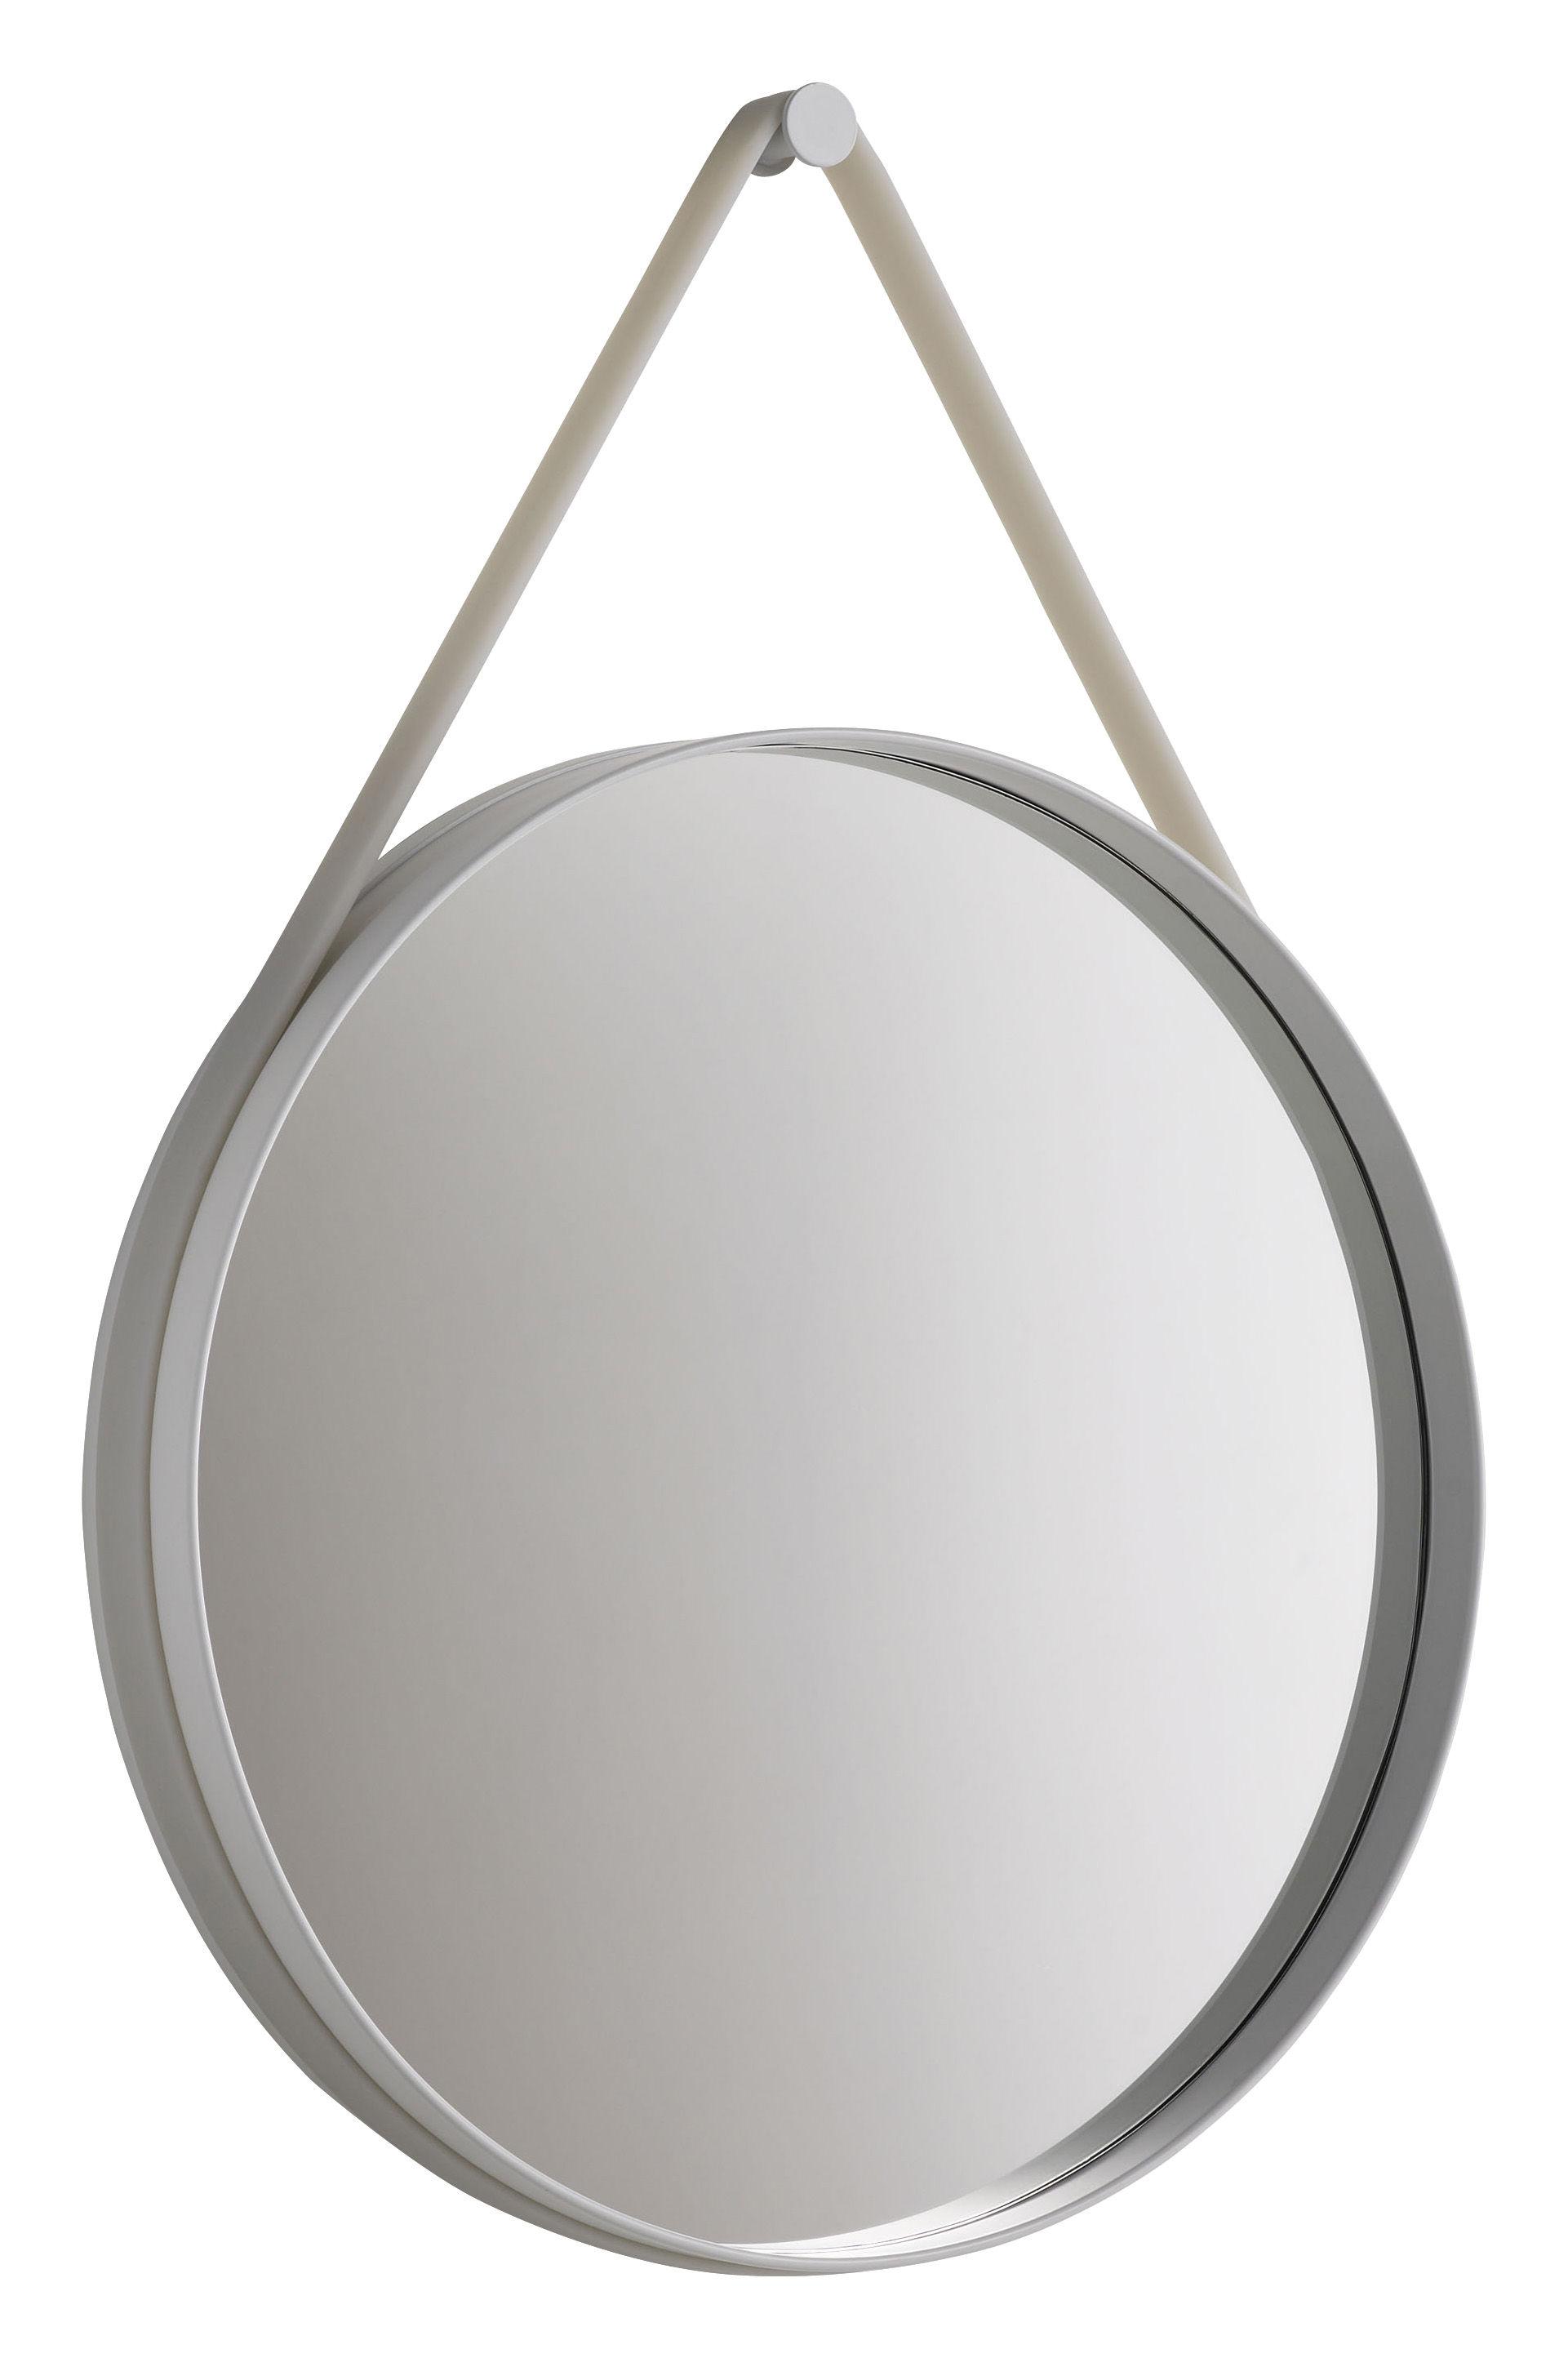 specchio tondo kartell: scopri tavolo glossy nero di kartell made ... - Specchi Rotondi Per Bagno